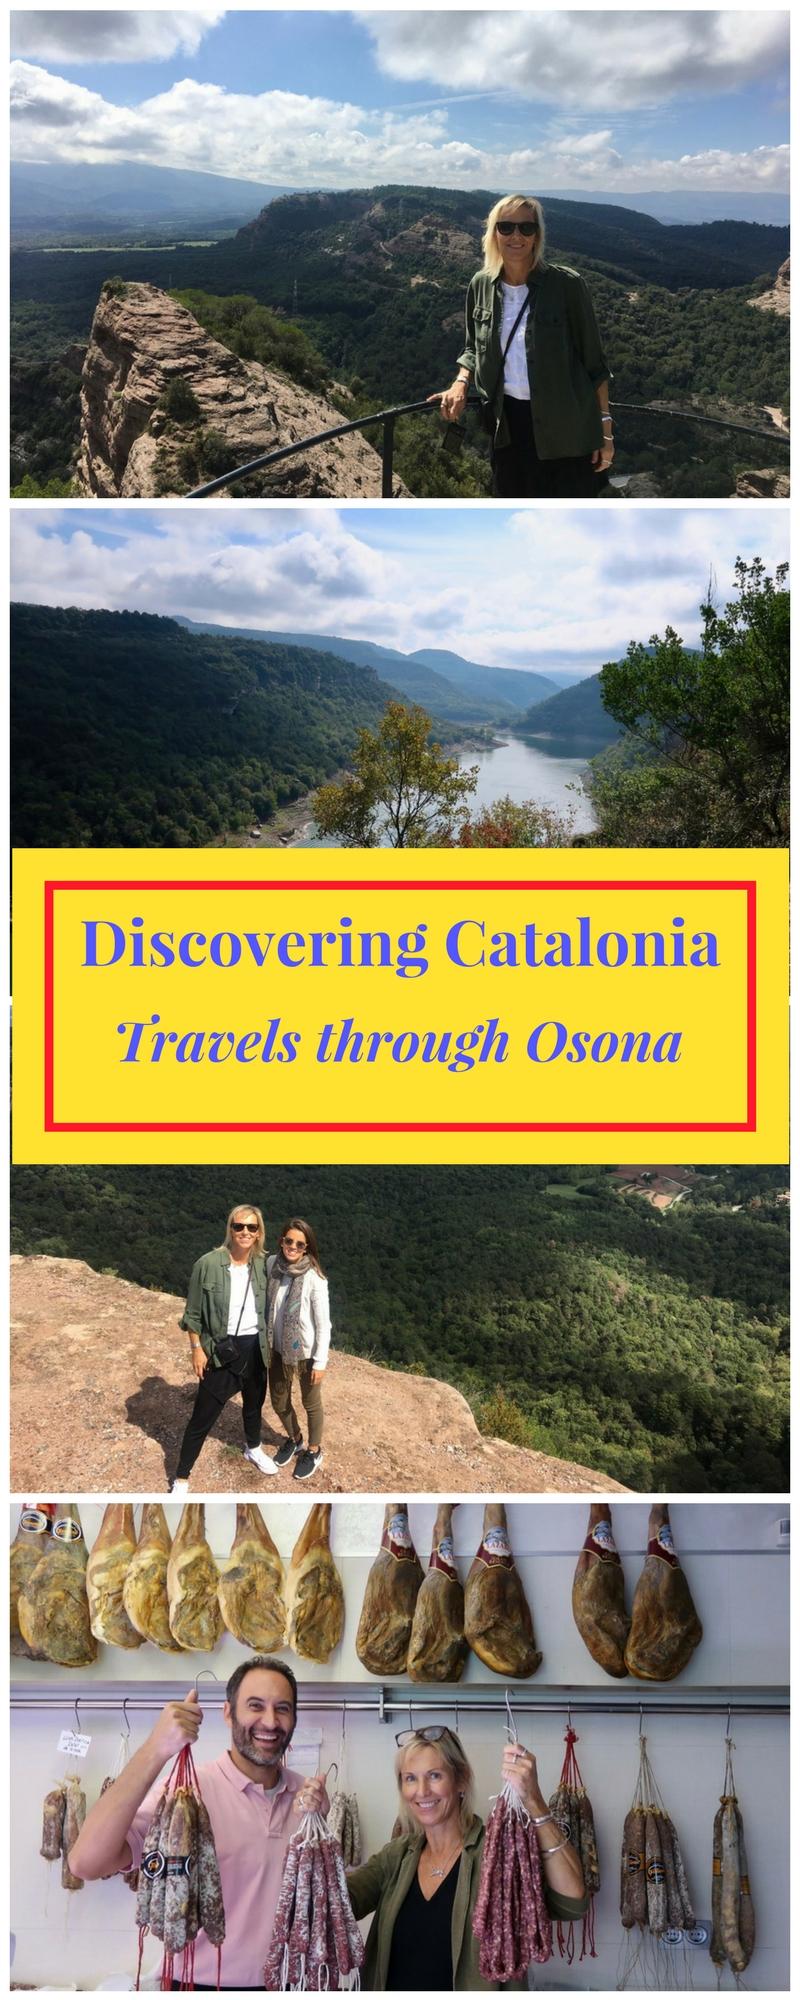 Osona Catalonia Spain, Travels through Osona Region of Catalonia Spain